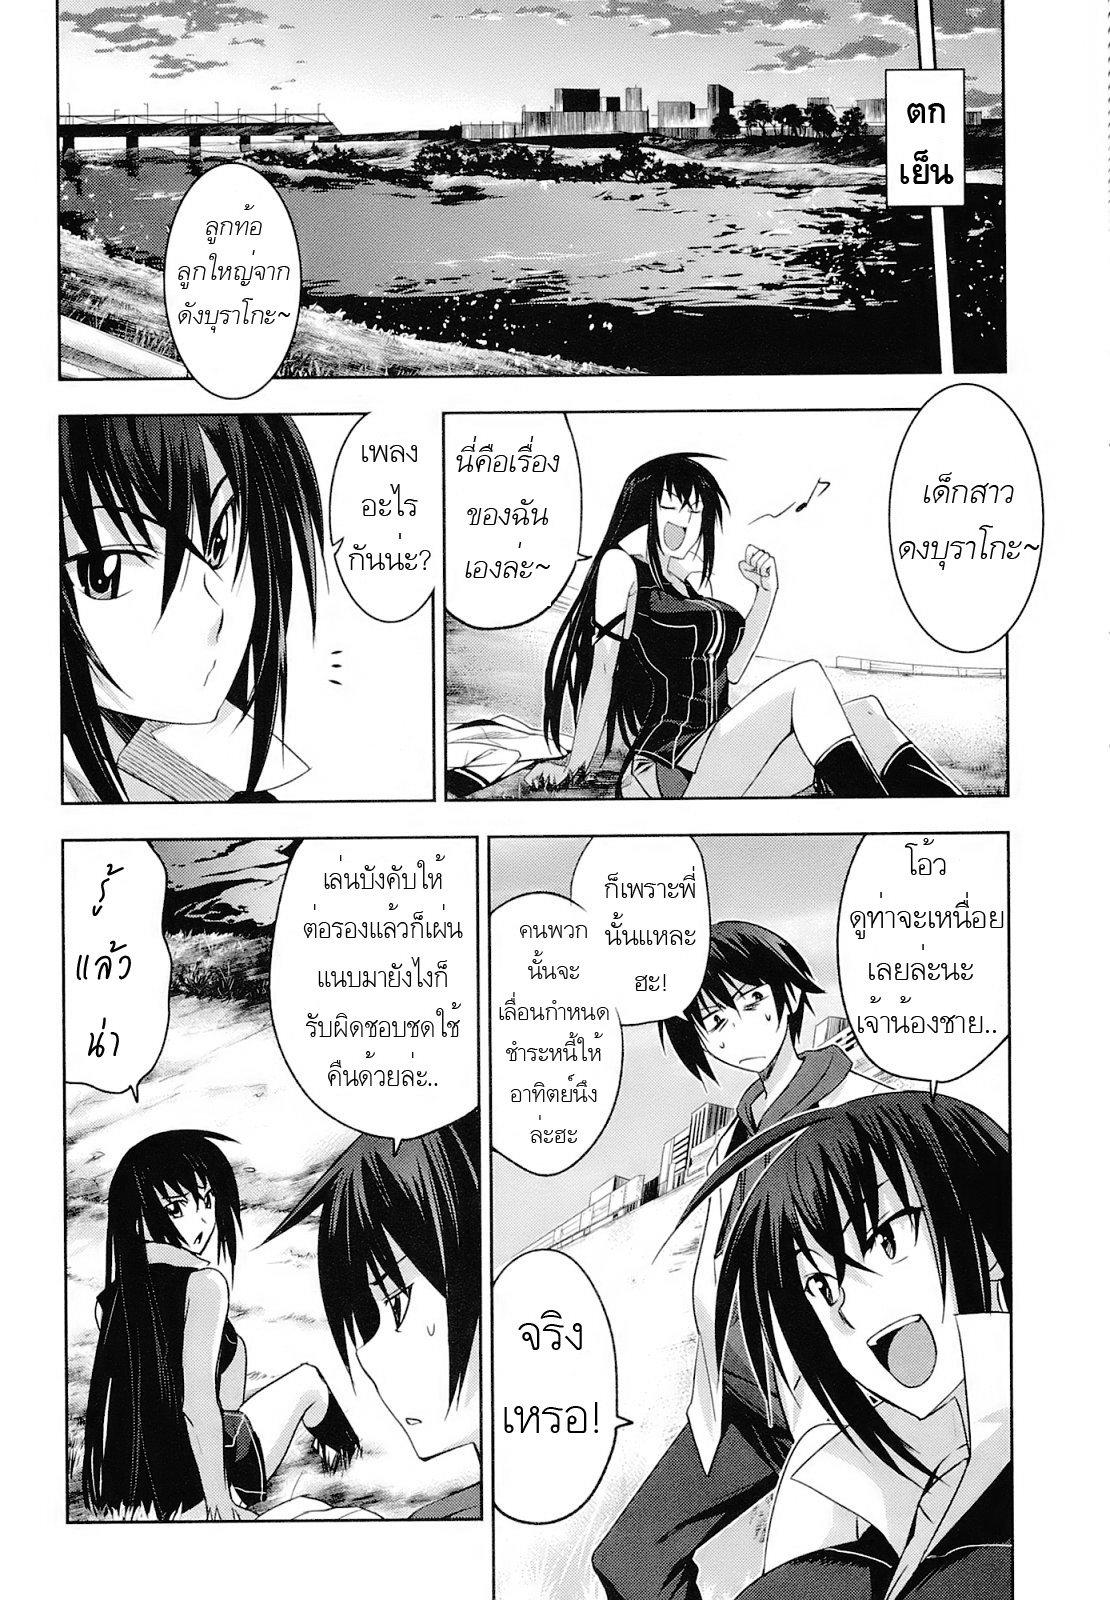 Maji de Watashi ni Koishinasai 3 TH แปลไทย : เก็บรวบรวม..เงินตรา หรือ สัญลักษณ์ ดีล่ะ?